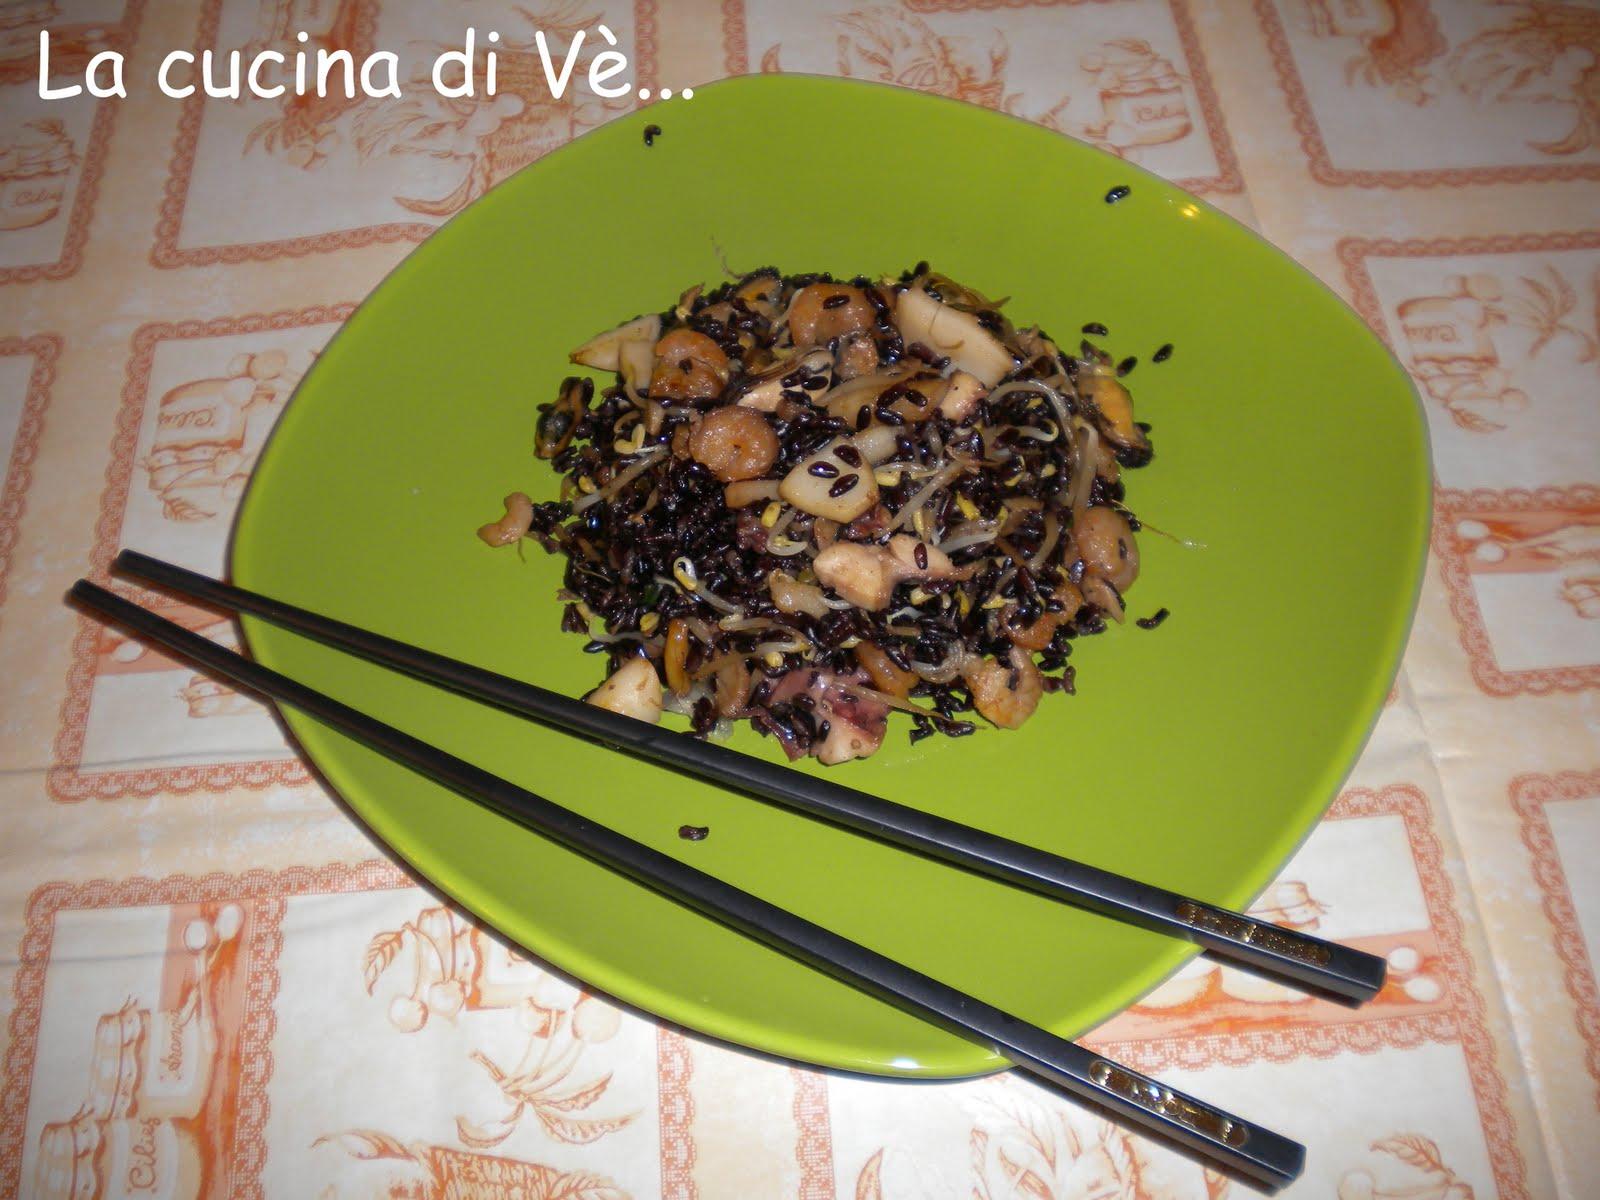 La cucina di v riso venere ricco con germogli di soia for Lecitina di soia in cucina